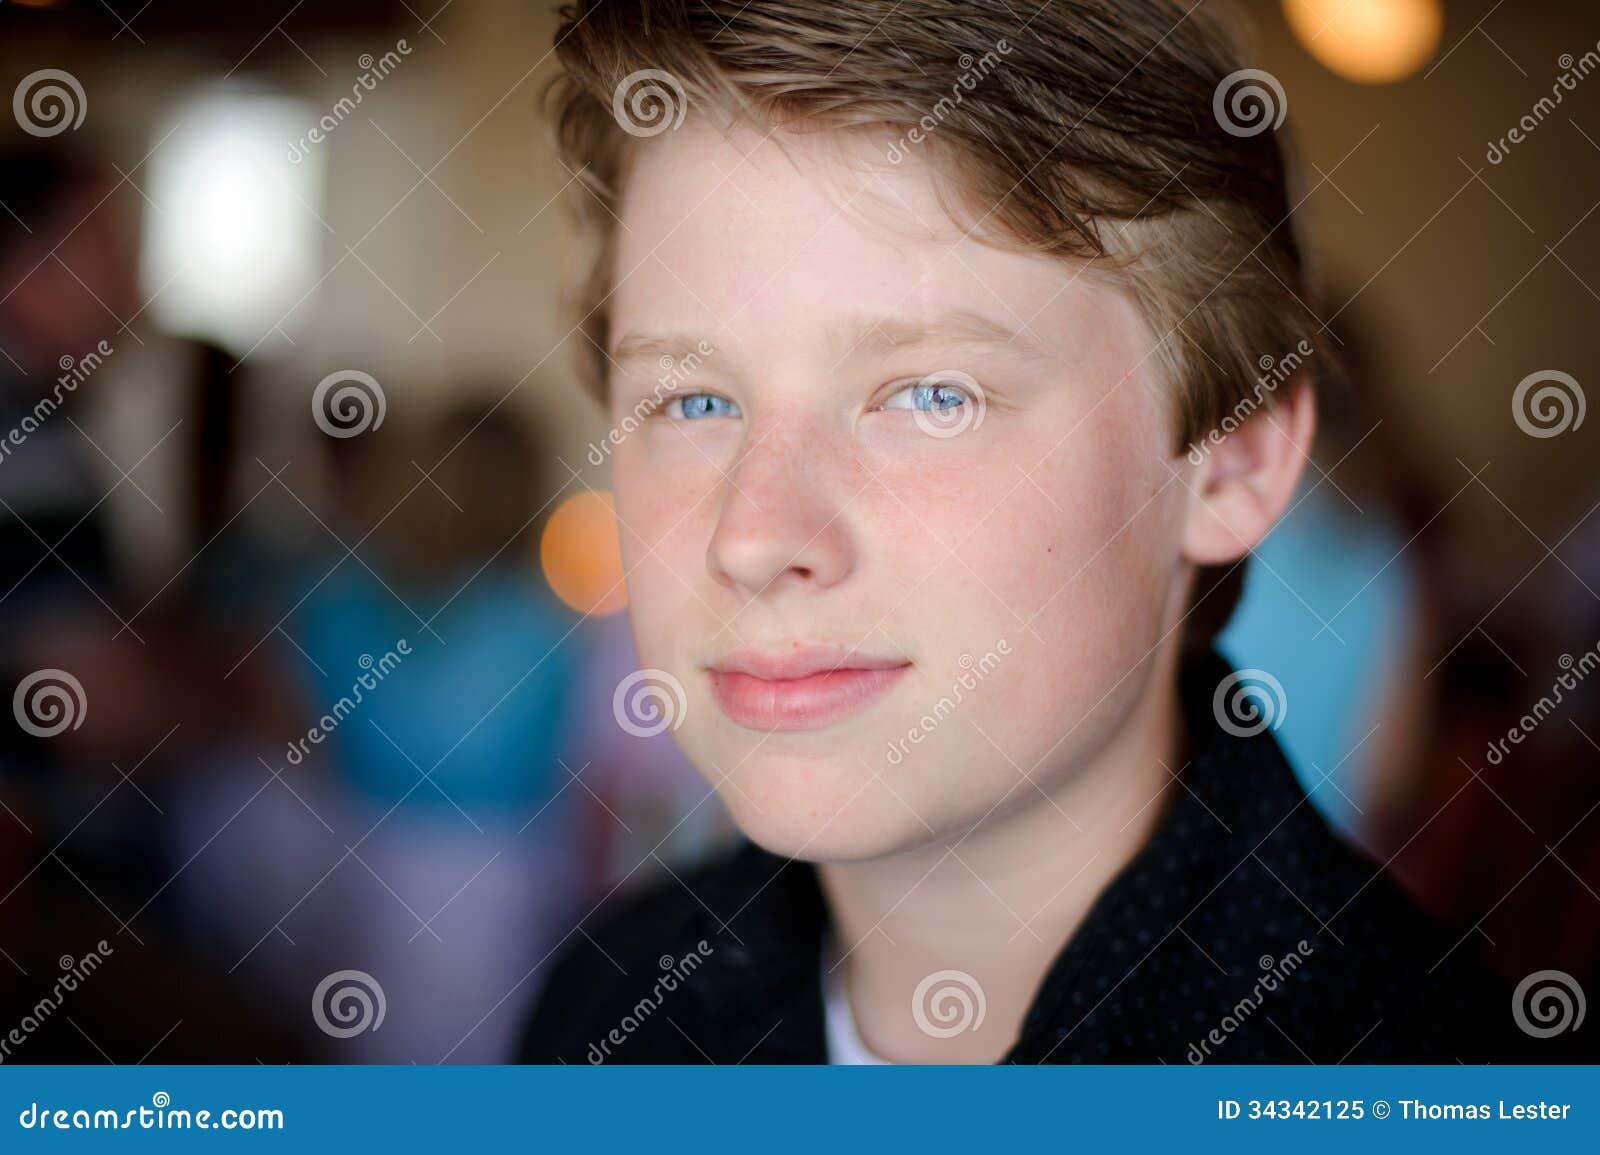 Blonde jungs mit blauen augen